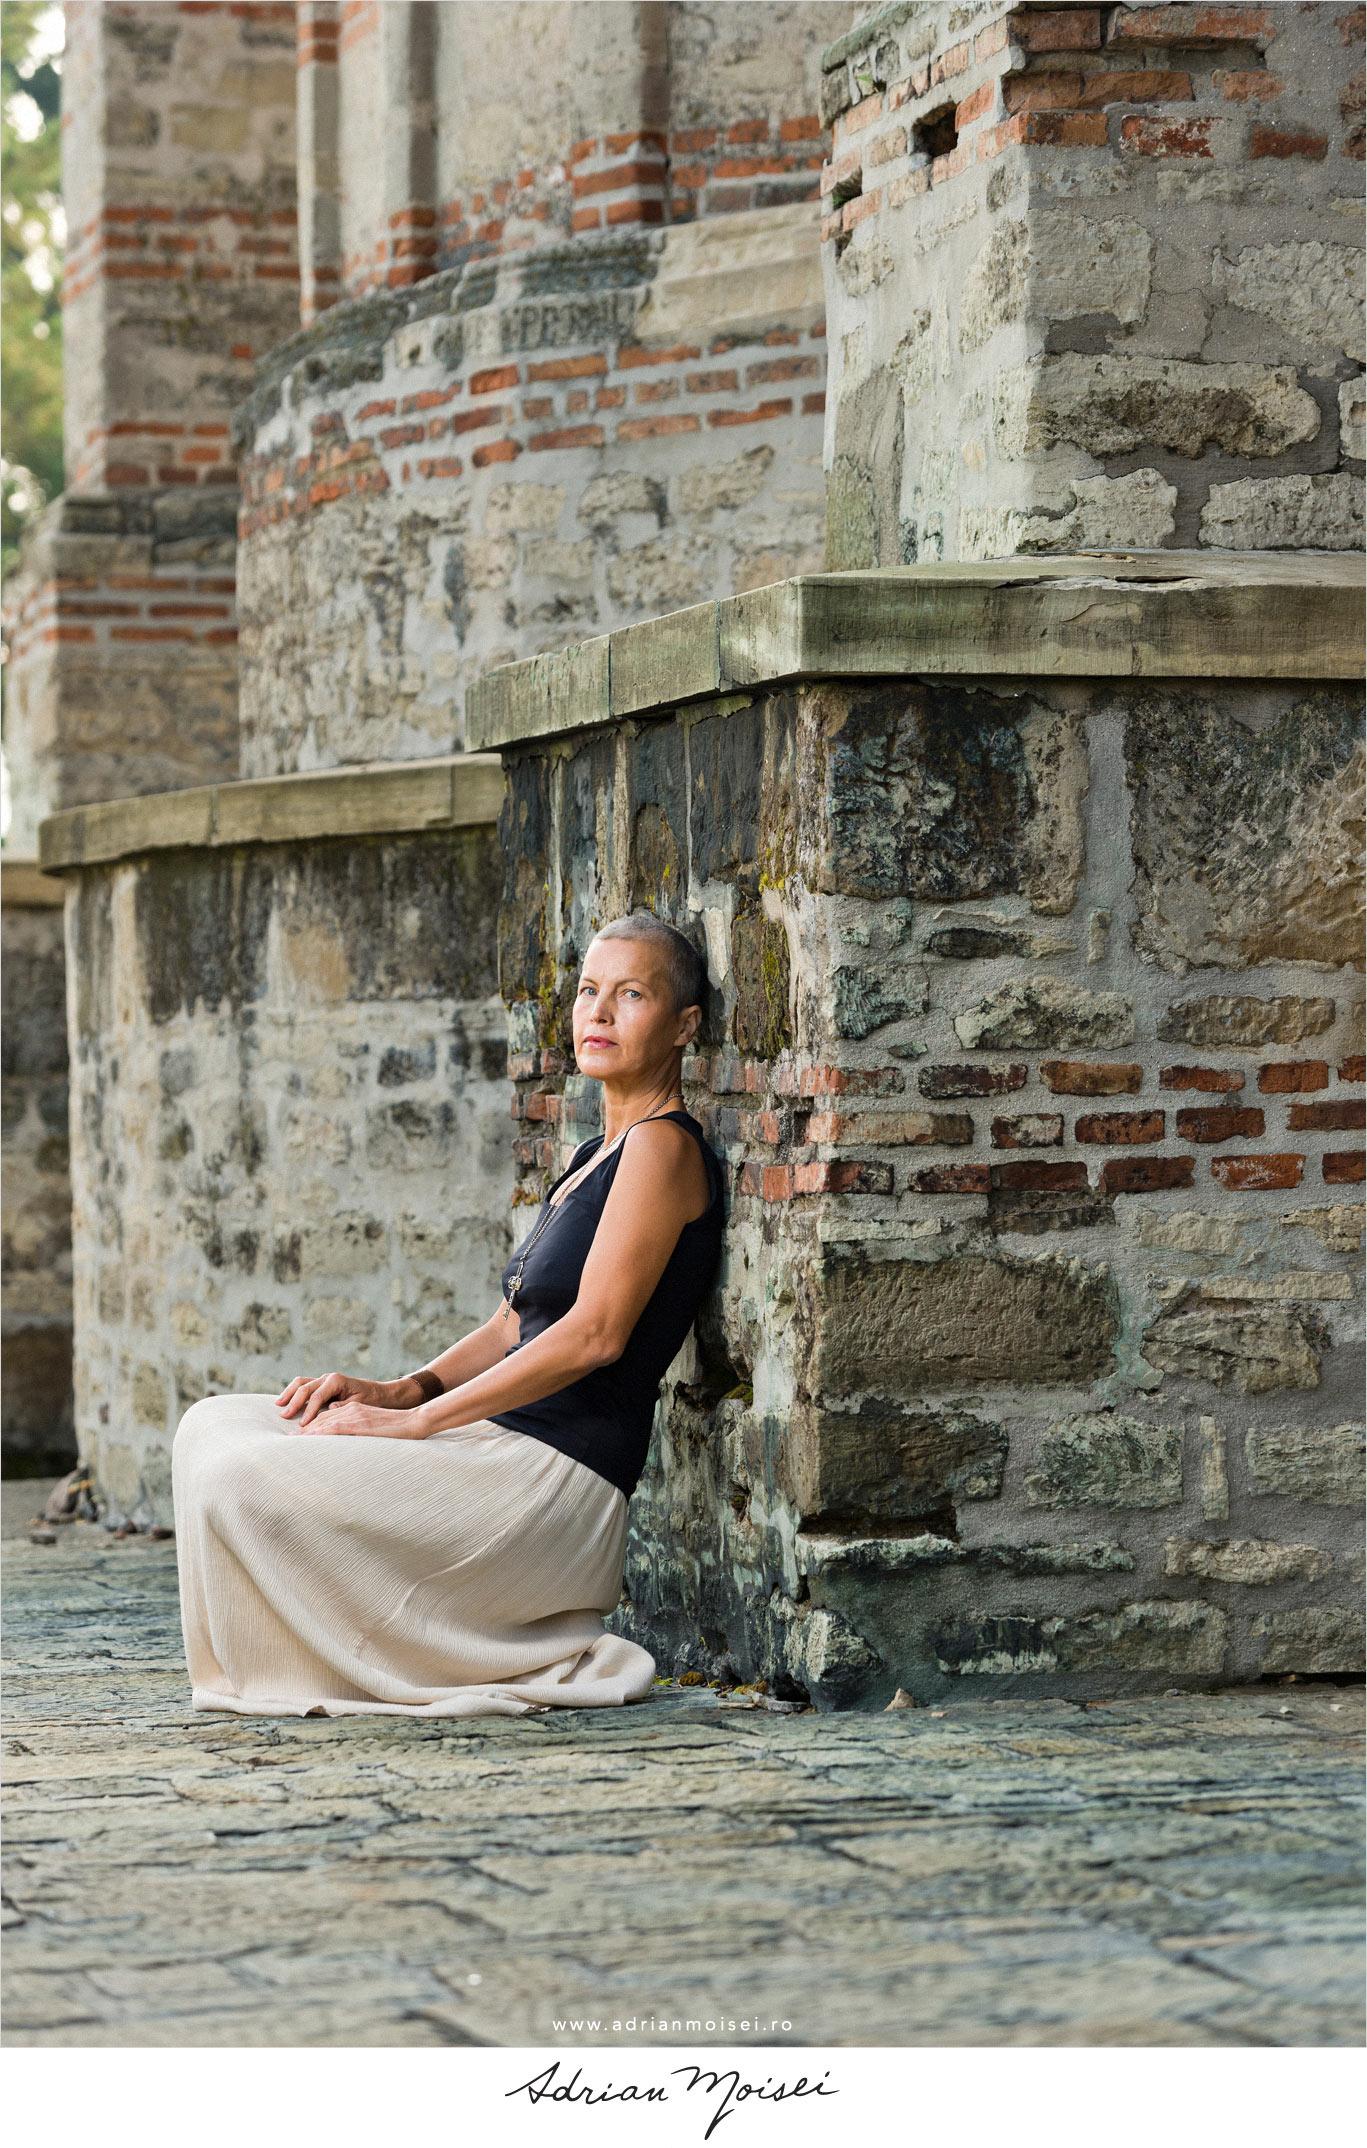 Fotografie fashion realizată de Adrian Moisei, fotograf Iași, la mănăstire, fotografie în natură